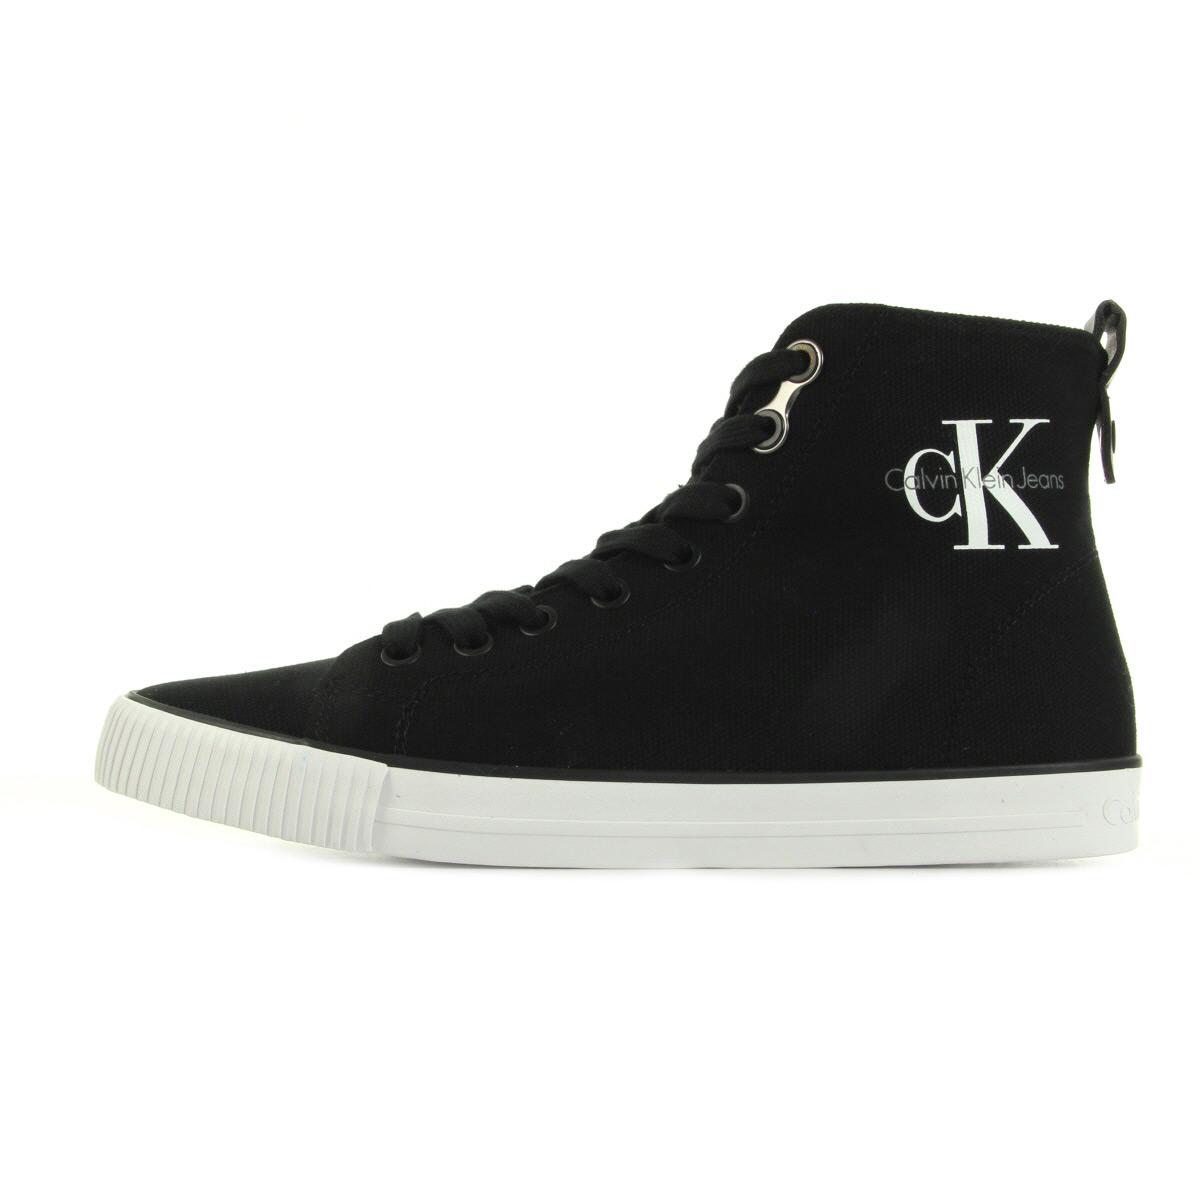 Chaussures Baskets Calvin Klein femme Dolores Canvas taille Noir Noire